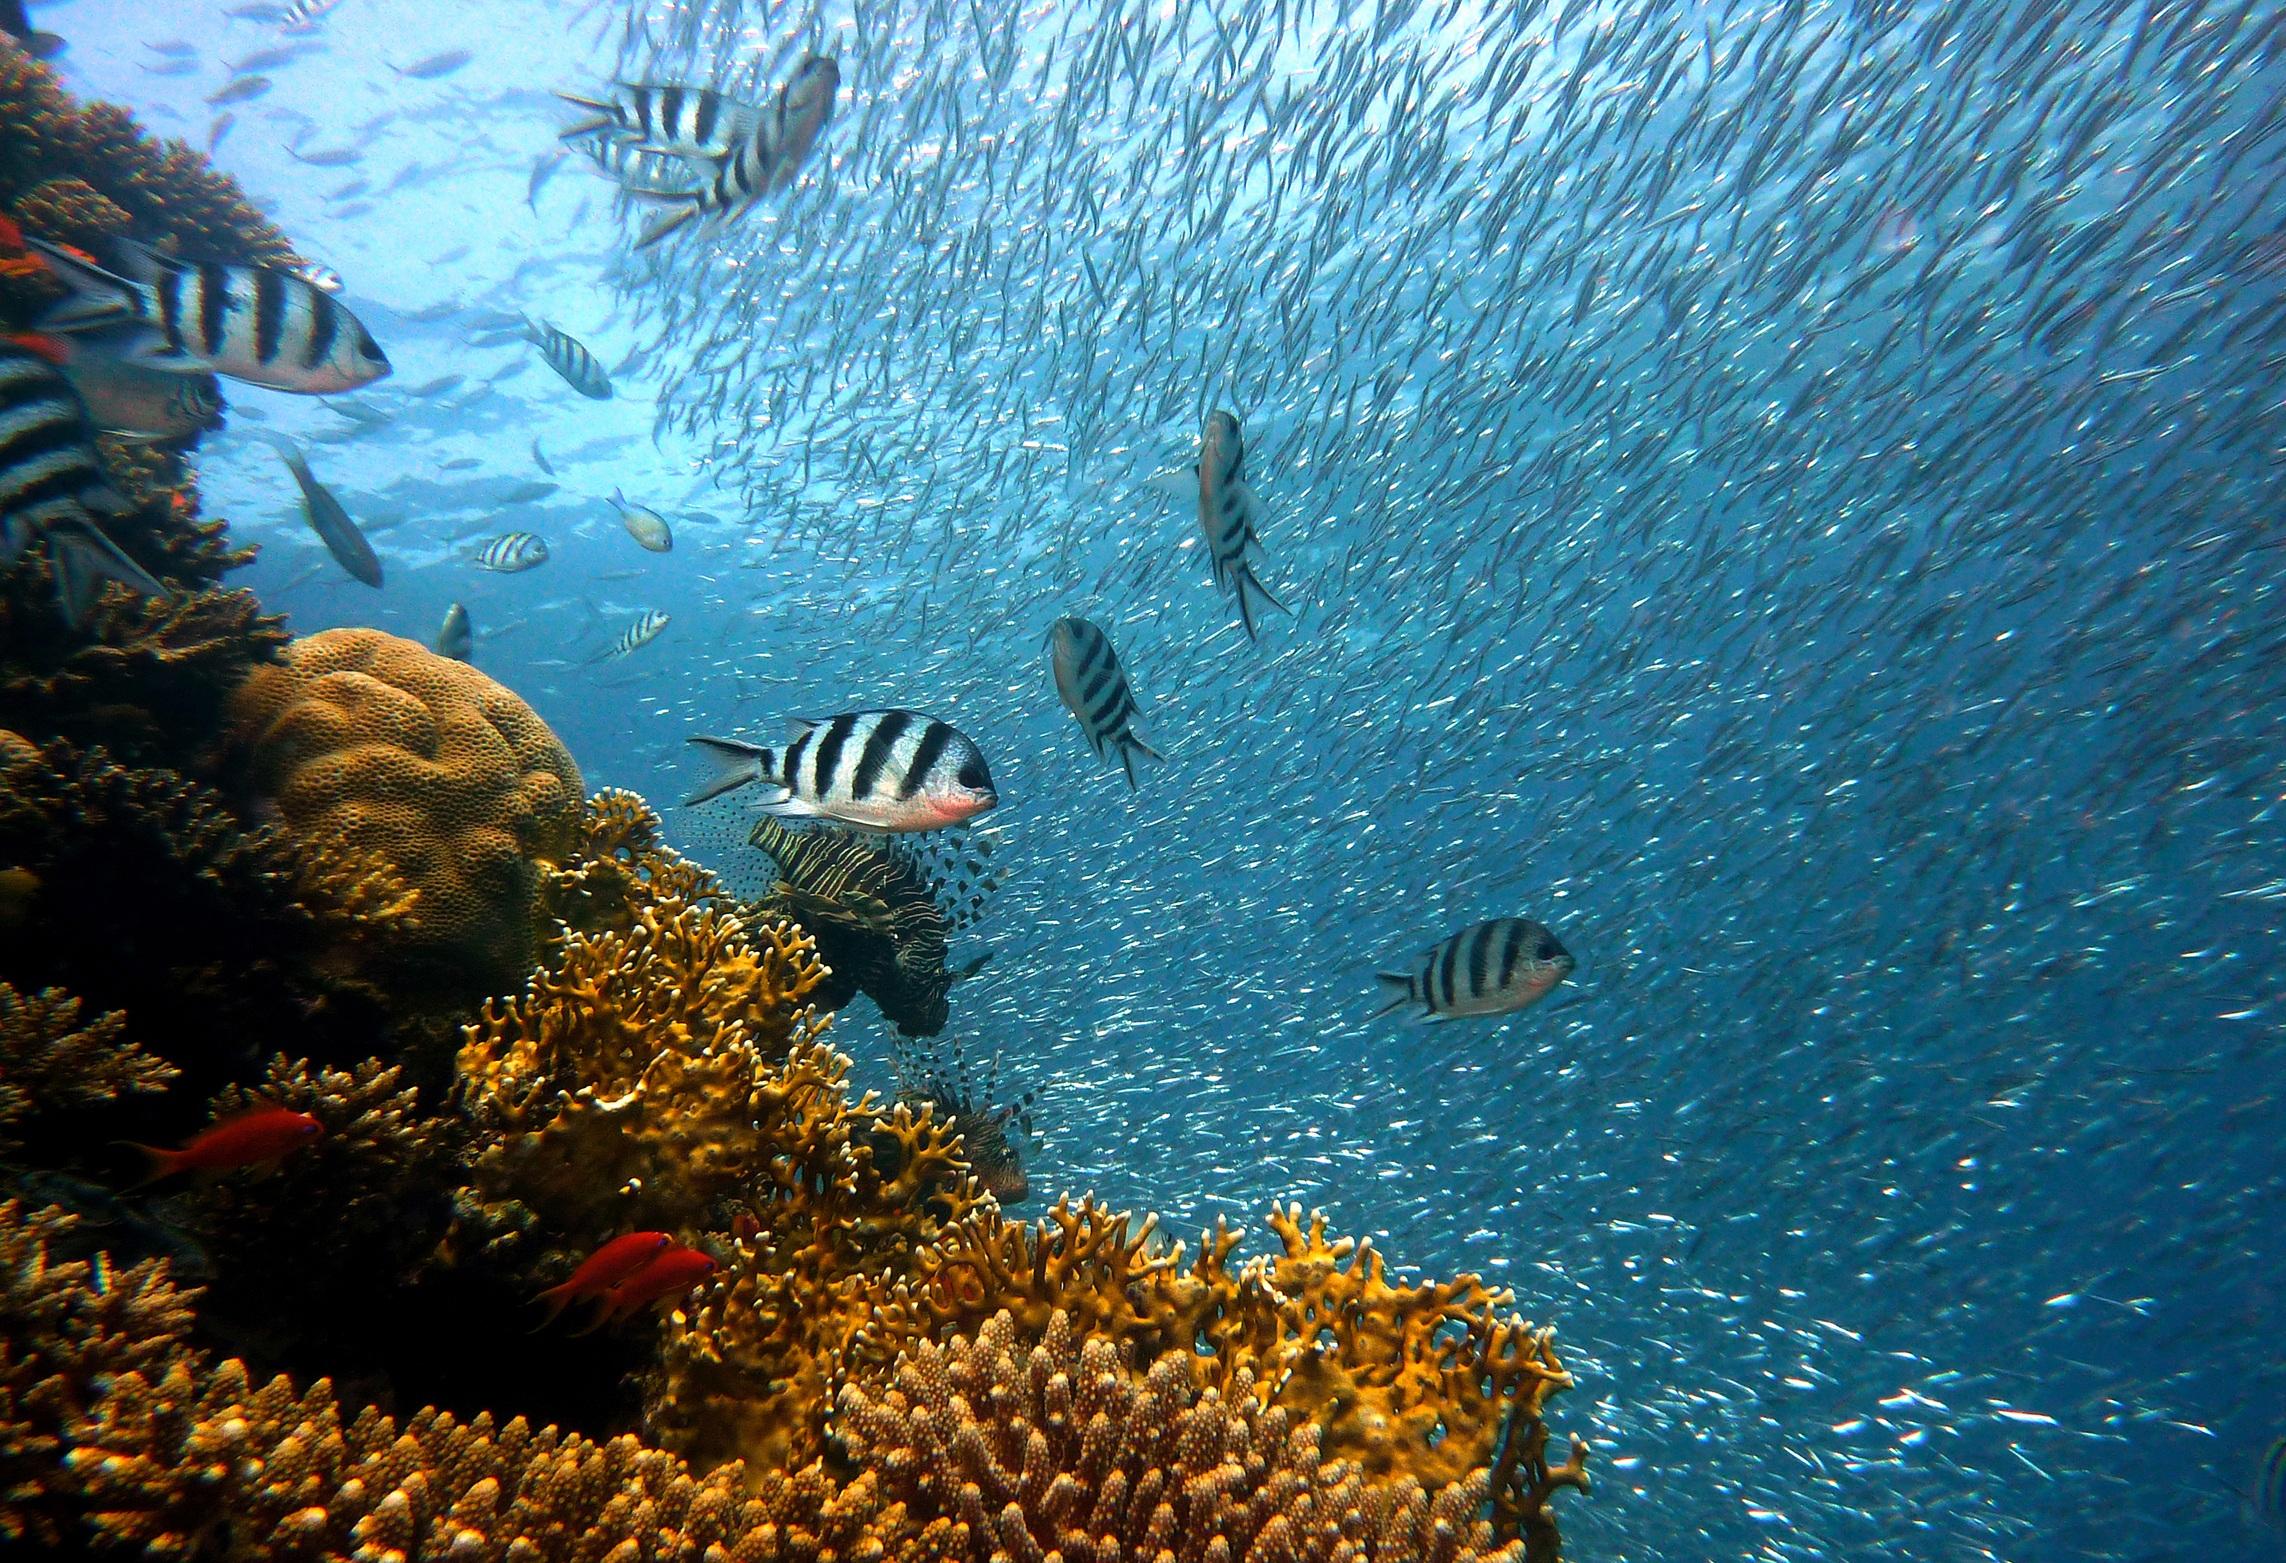 ψάρια, Κοράλλι, Τράπεζα, Arrecife, Θάλασσα - Wallpapers HD - Professor-falken.com